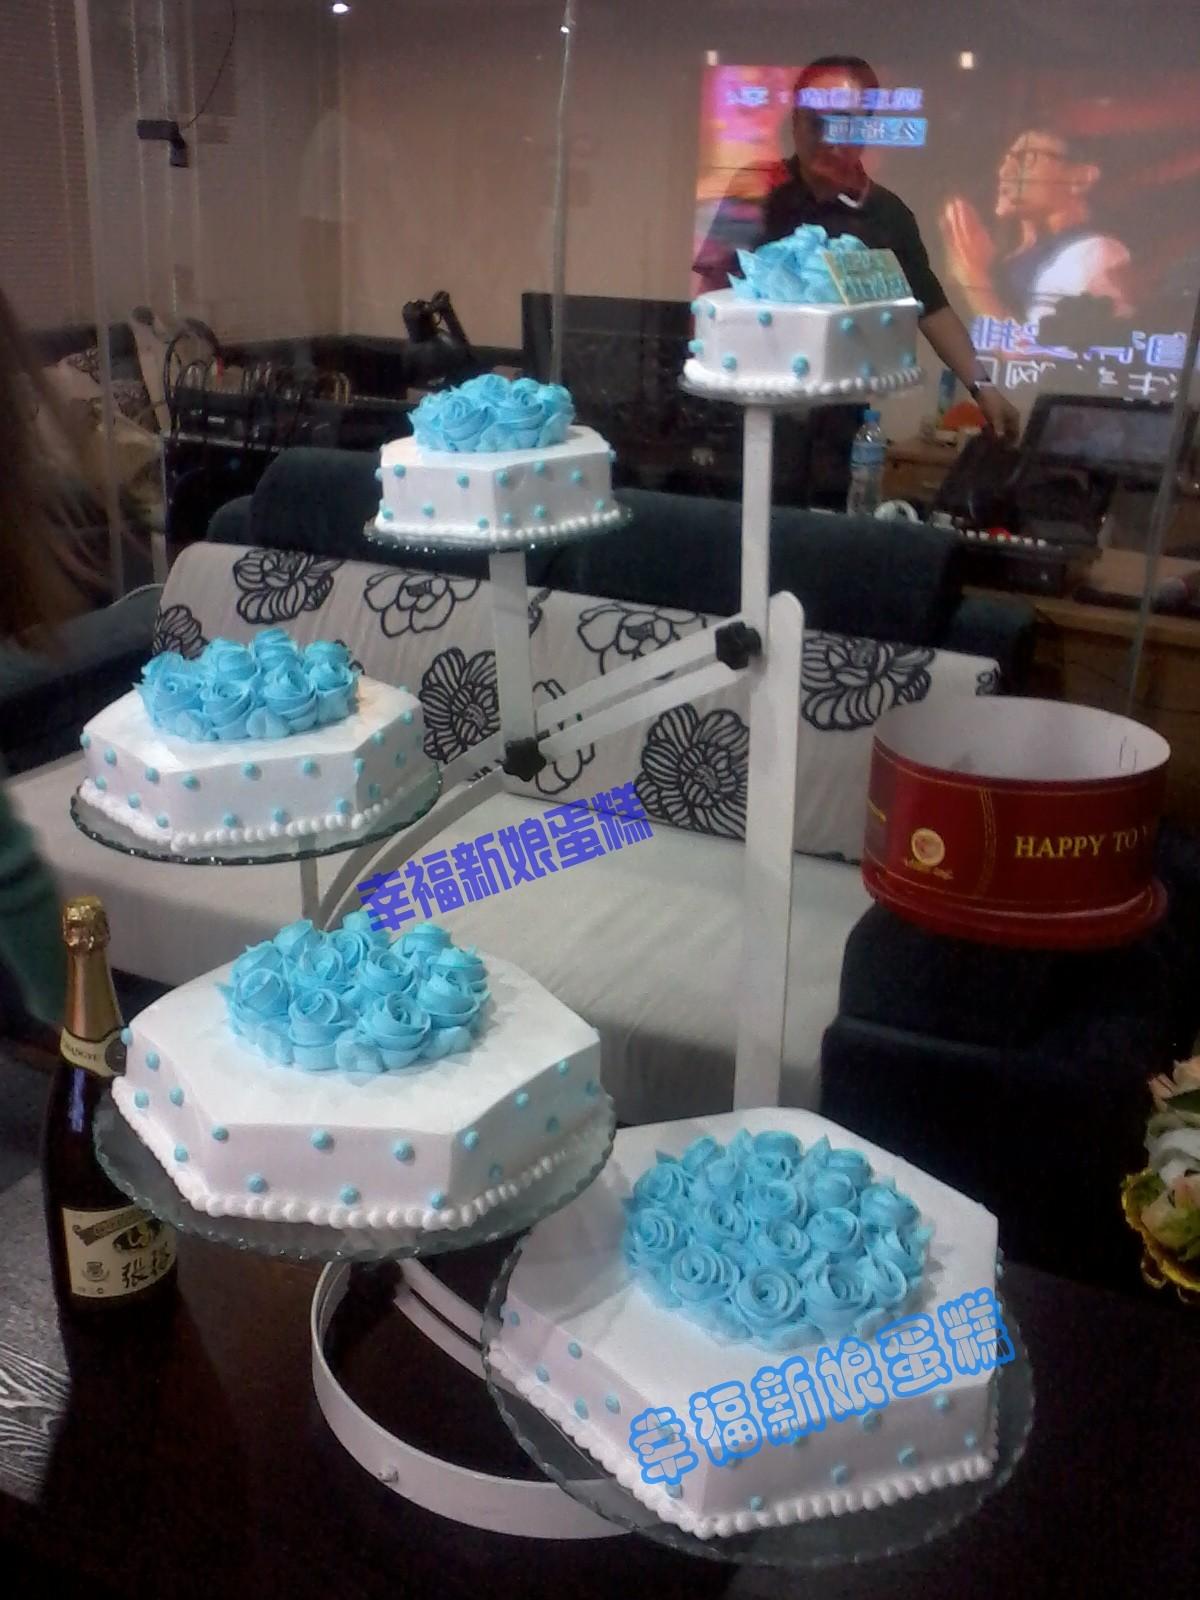 A31北京婚礼蛋糕*生日蛋糕*公司庆典蛋糕*电话13161178262